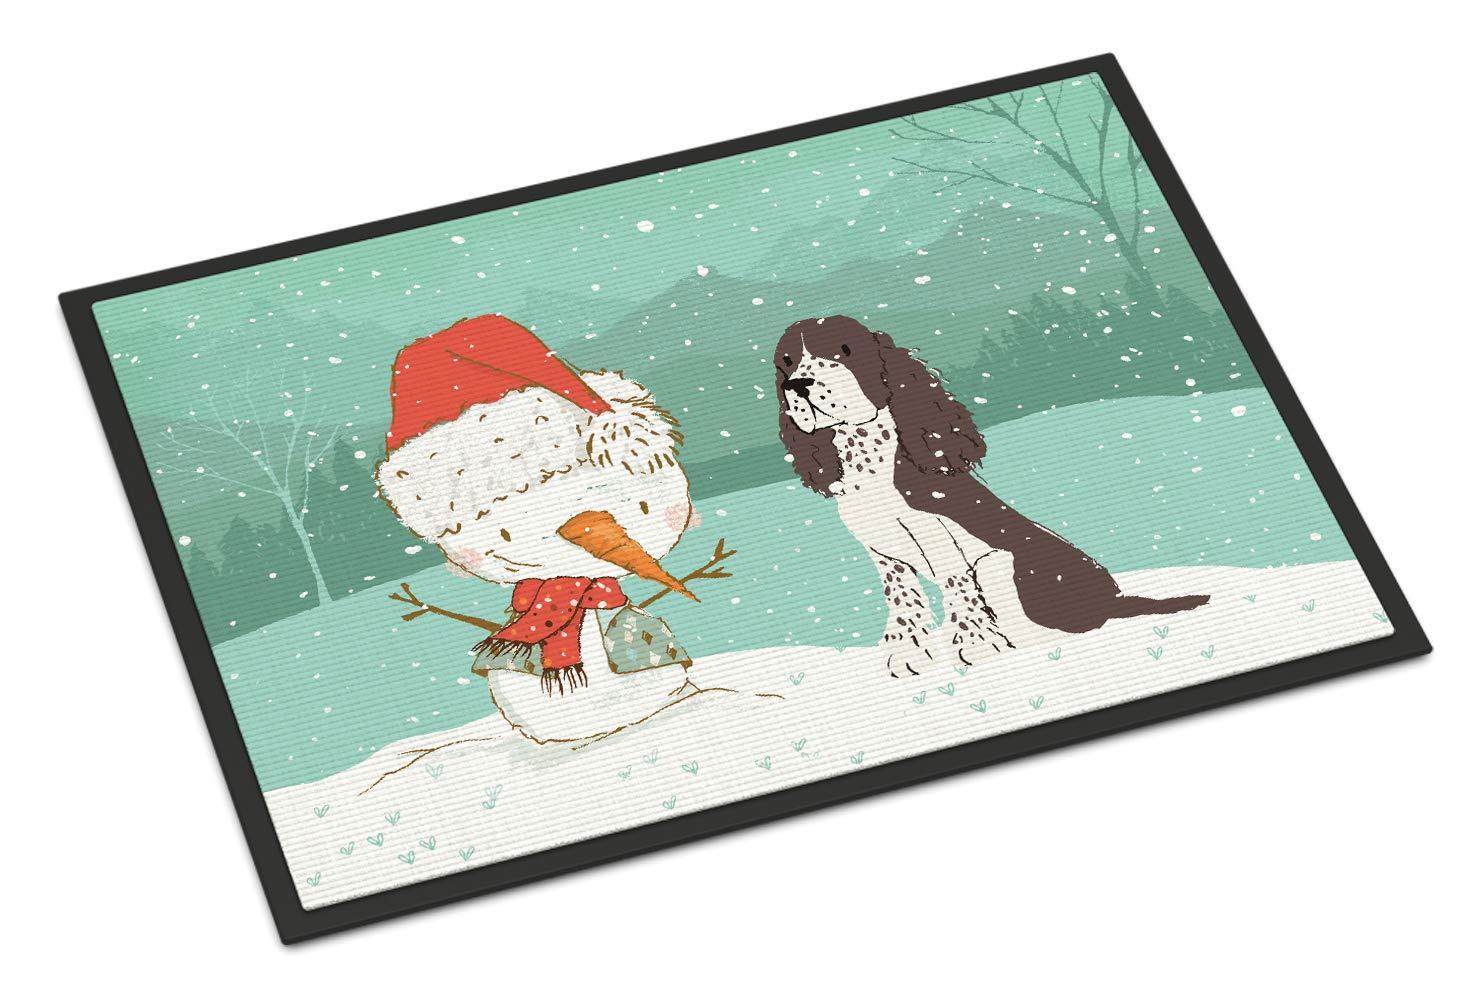 Carolines Treasures Welcome Friends Black Labrador Retriever Doormat 24hx36w Multicolor